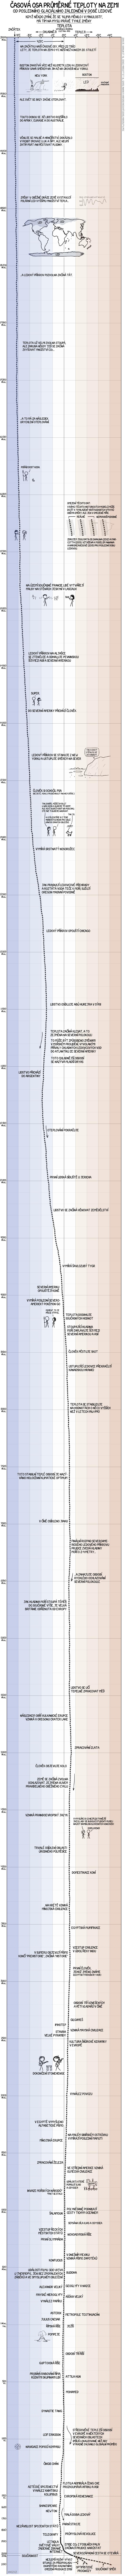 Časová osa teploty na Zemi